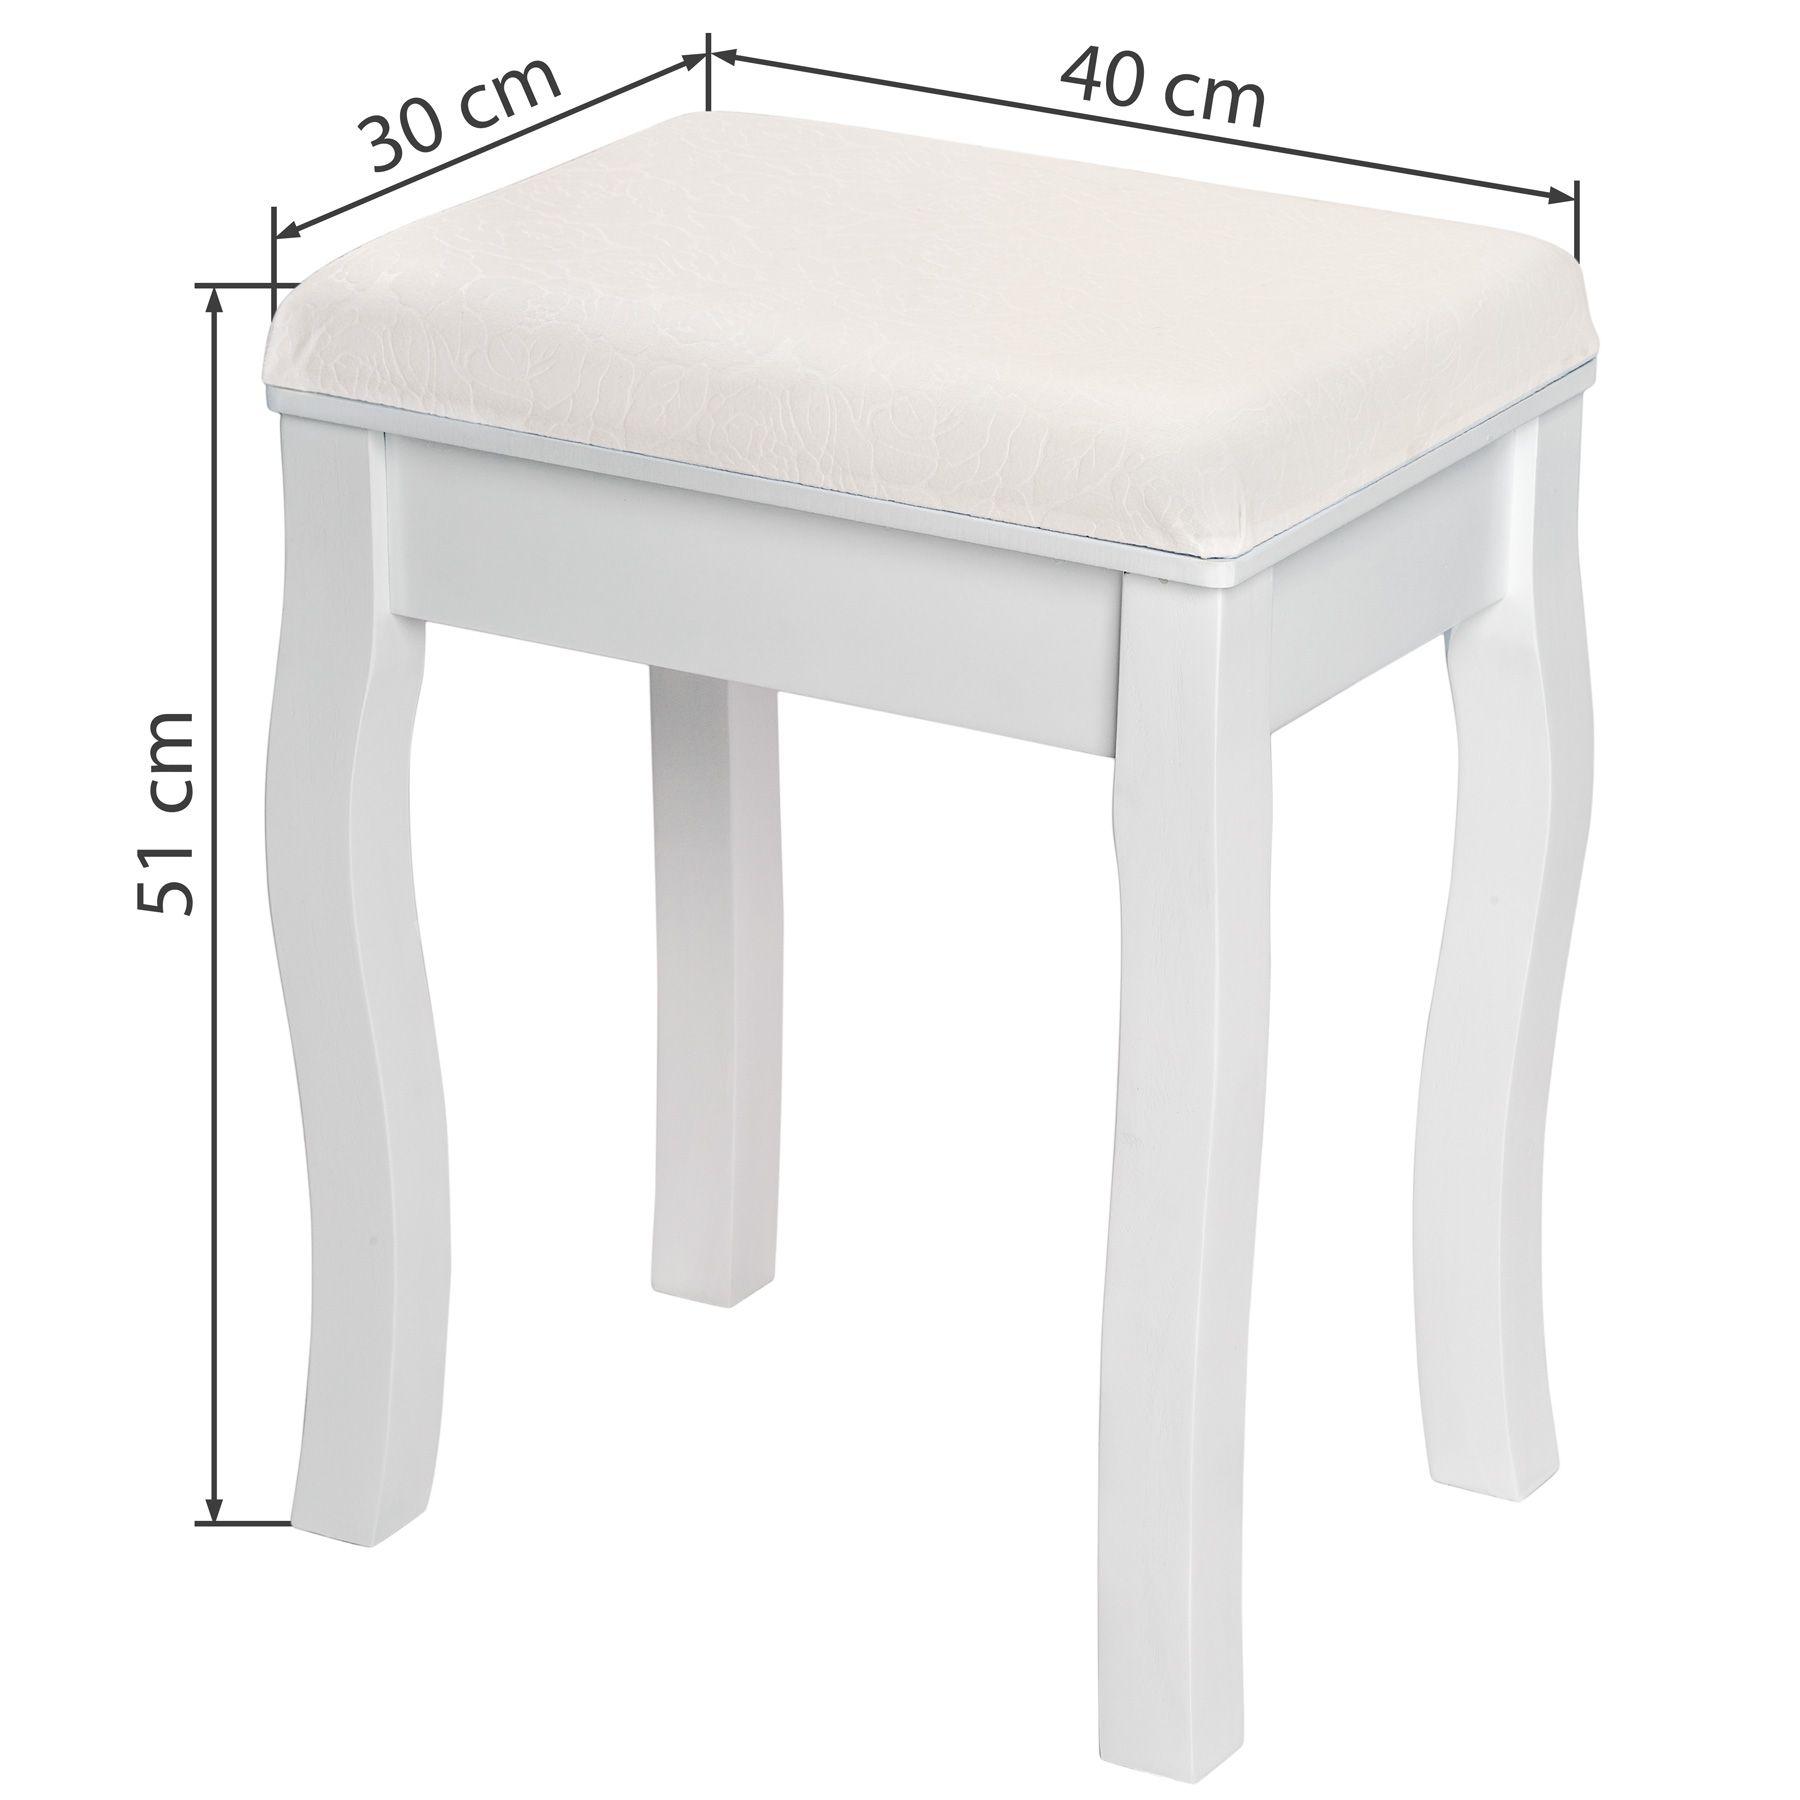 Tabouret Pouf Pour Coiffeuse Petite Chaise Piano Fauteuil En Bois Blanc 40x30x51 Ebay